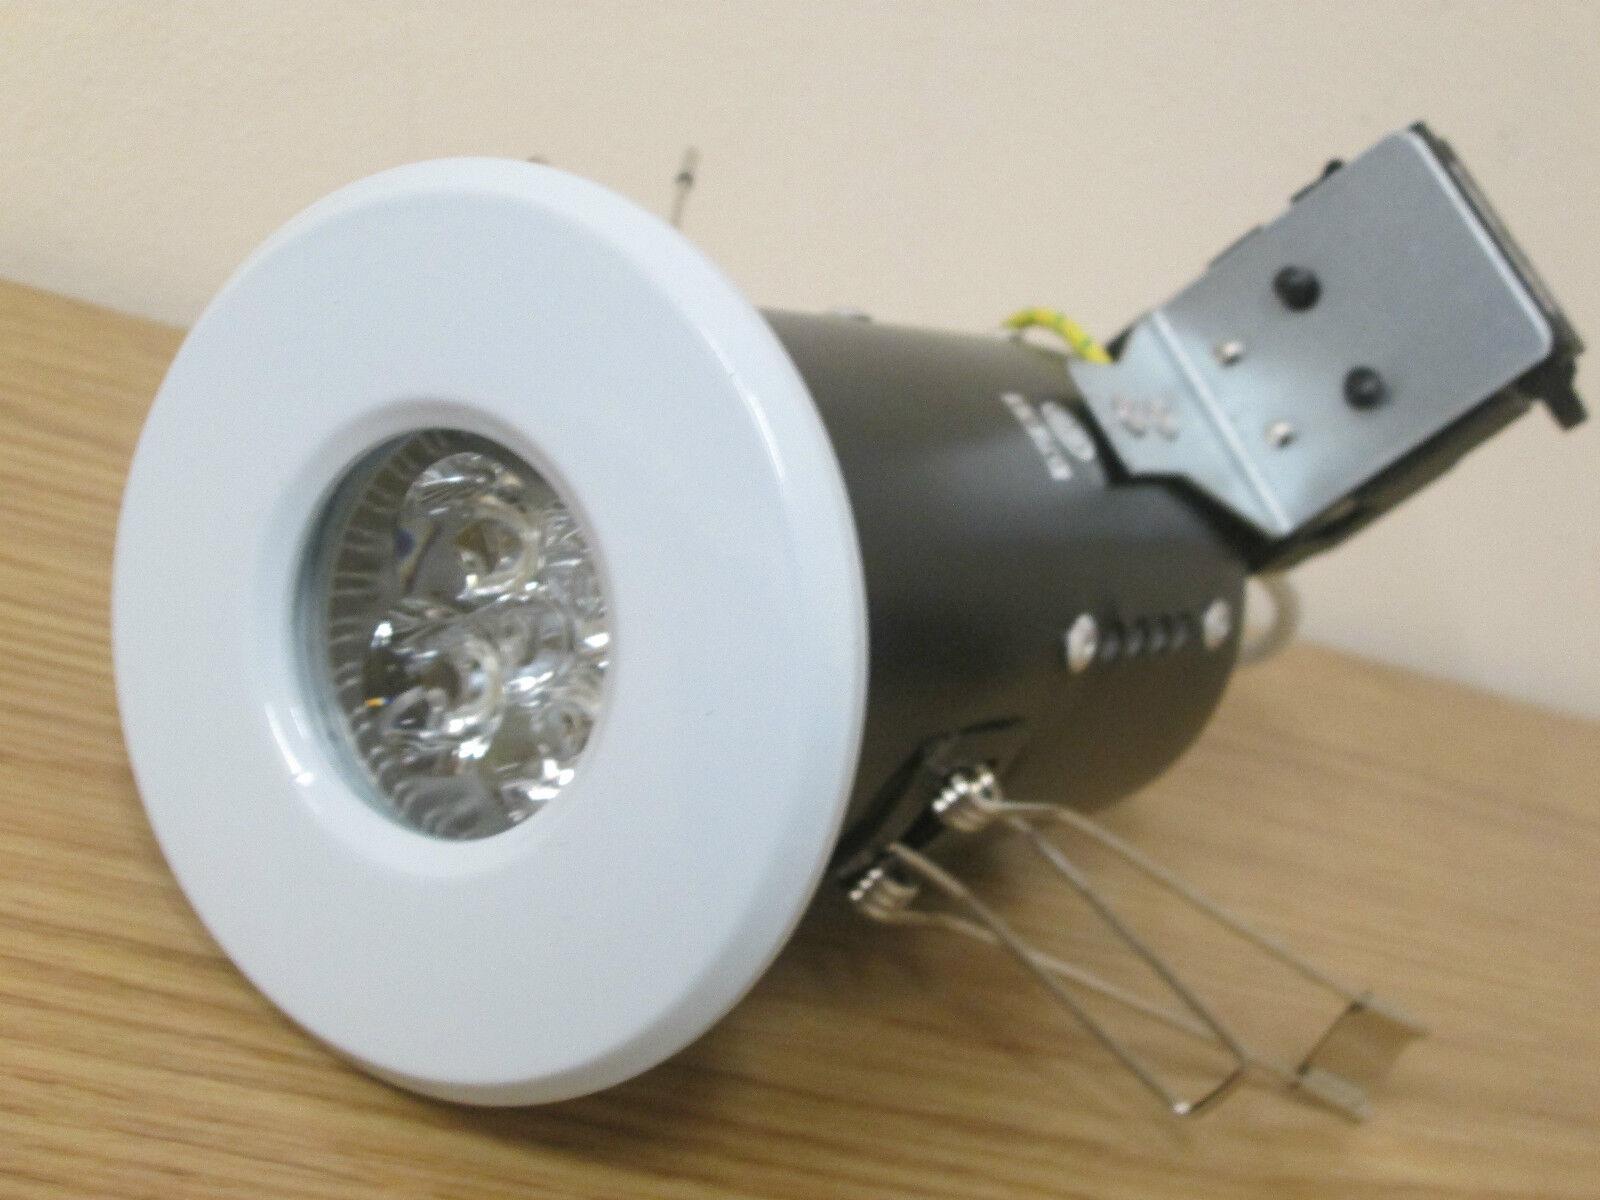 10 X FIRE RATED 4 WATT LED Weiß GU10 IP65 BATHROOM DOWNLIGHT WARM Weiß NEW